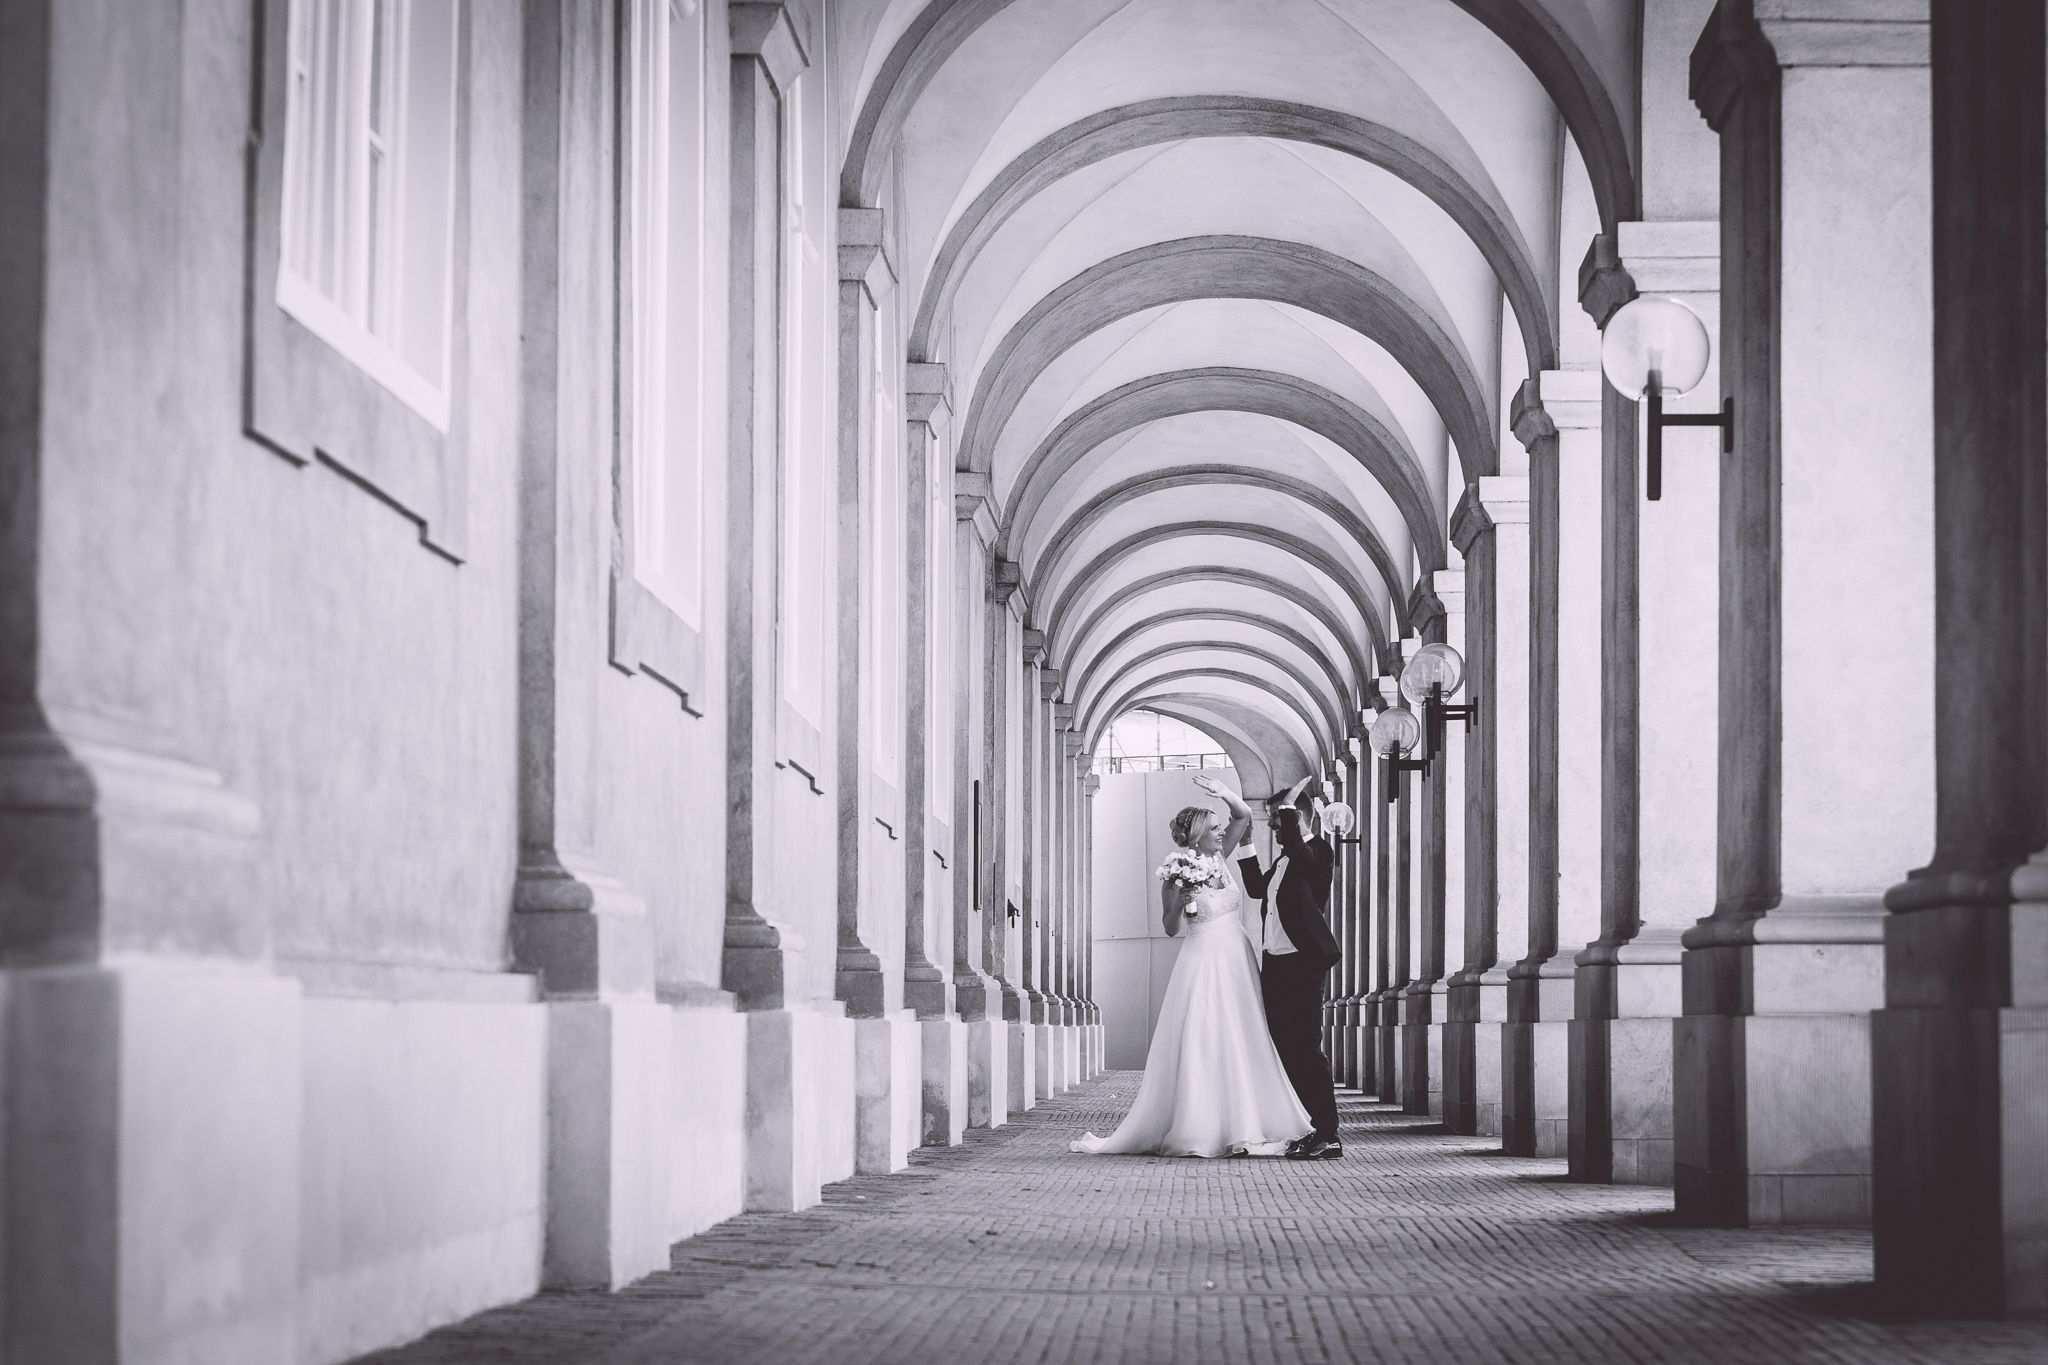 mads_eneqvist_weddings_by_me_bryllupsbilleder_forside_4_compressed Forside